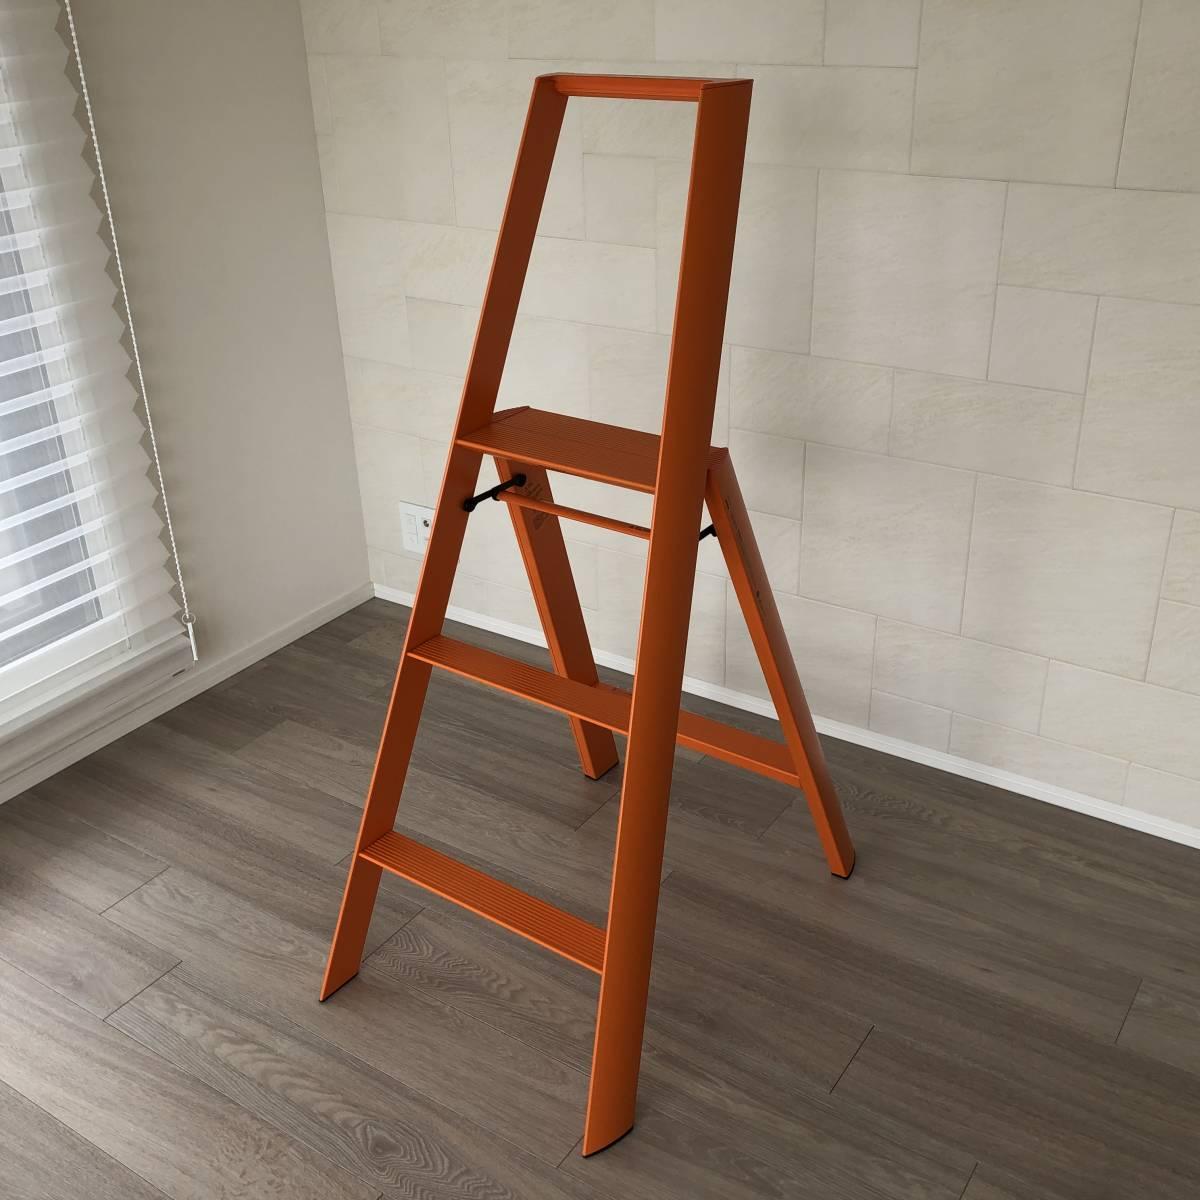 [札幌引取り限定] 美品 lucano スリーステップ 踏台 脚立 3step stool オレンジ 踏み台 定価2万円 デザイナーズ家具 3ステップ